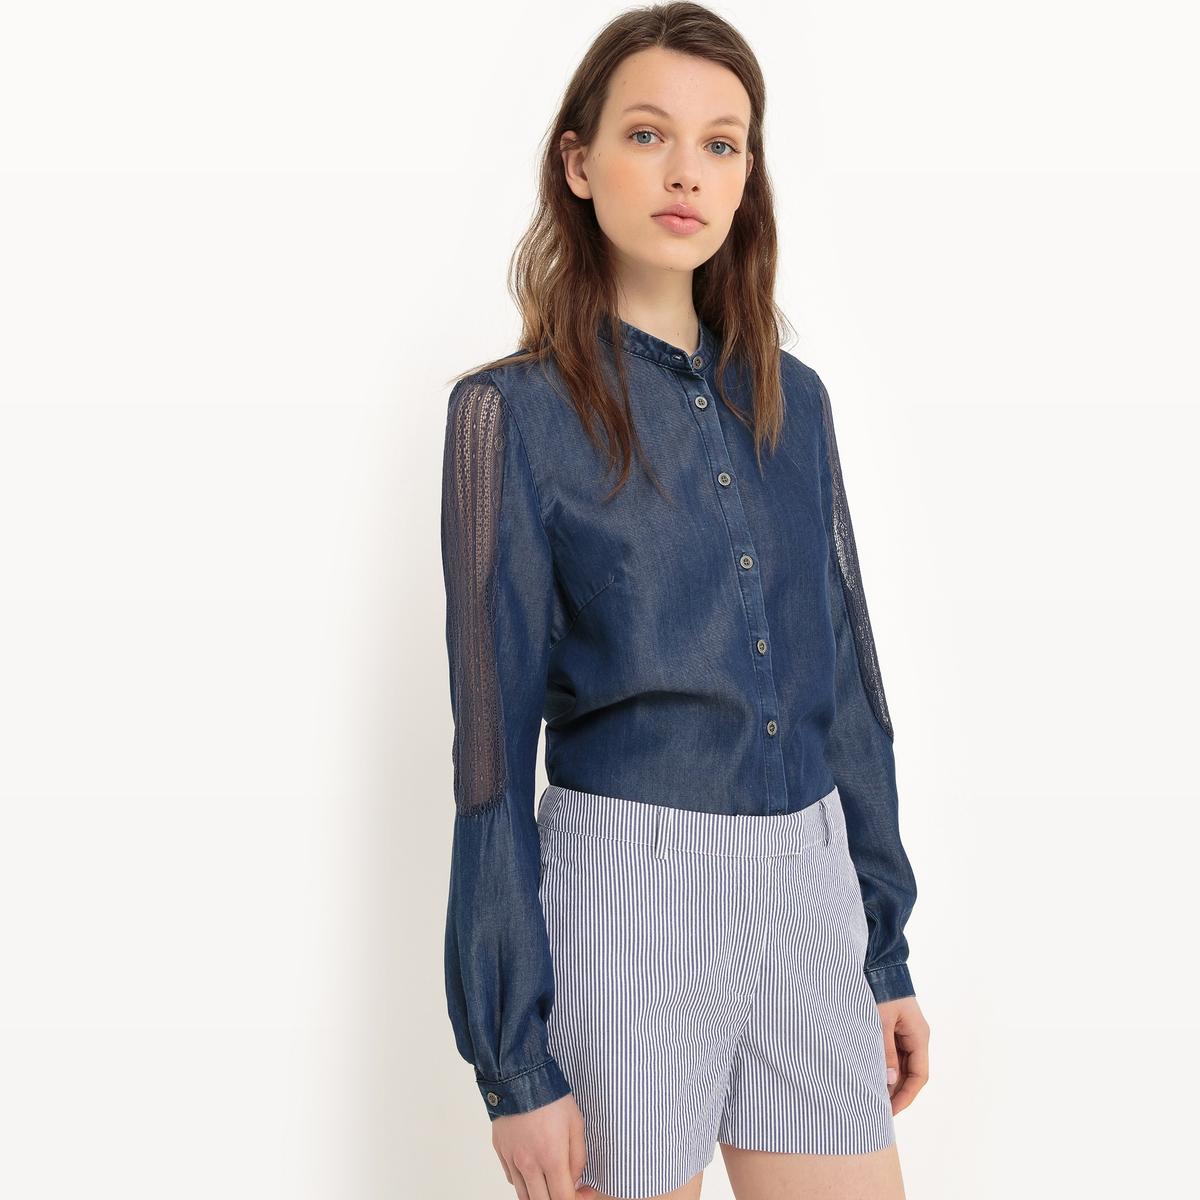 Рубашка из тенселя, длинные рукаваМатериал : 100% лиоцелл  Покрой : прямой Длина рукава : длинные рукава Форма воротника : Воротник-стойка Длина блузки : стандартная Покрой : прямой Рисунок : однотонная модель<br><br>Цвет: темно-синий